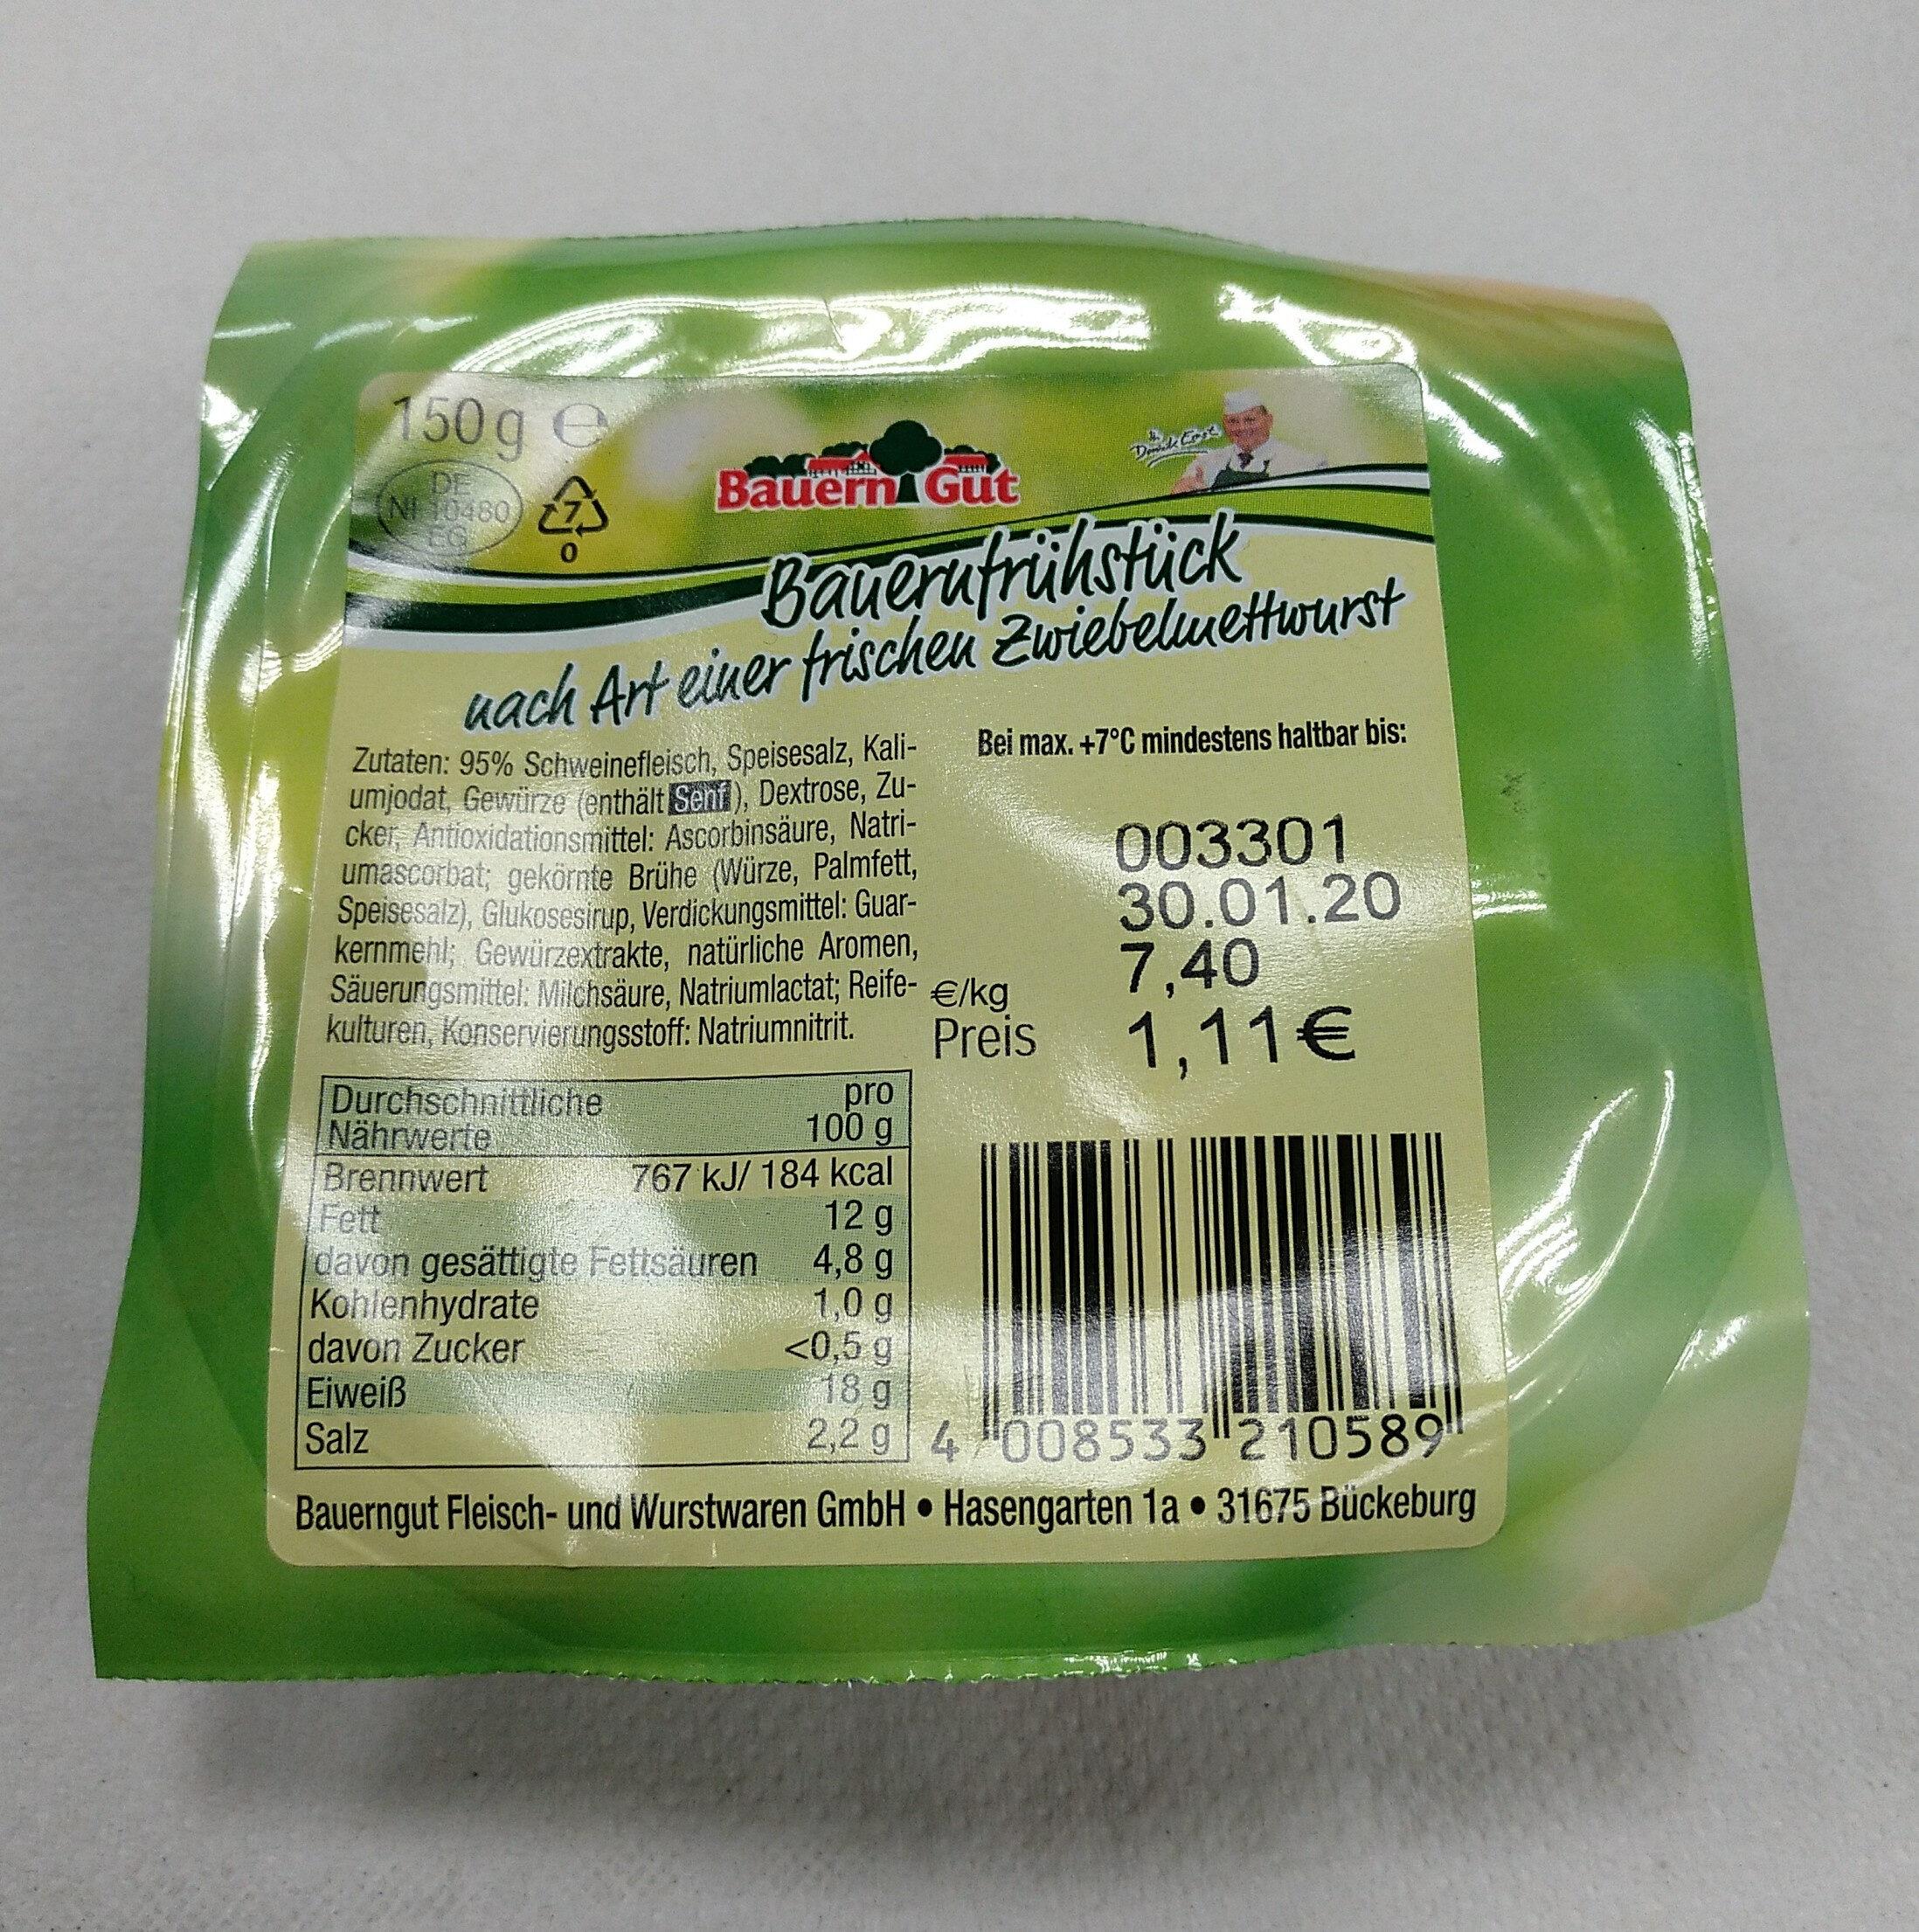 Bauernfrühstück nach Art einer frischen Zwiebelmettwurst - Product - de